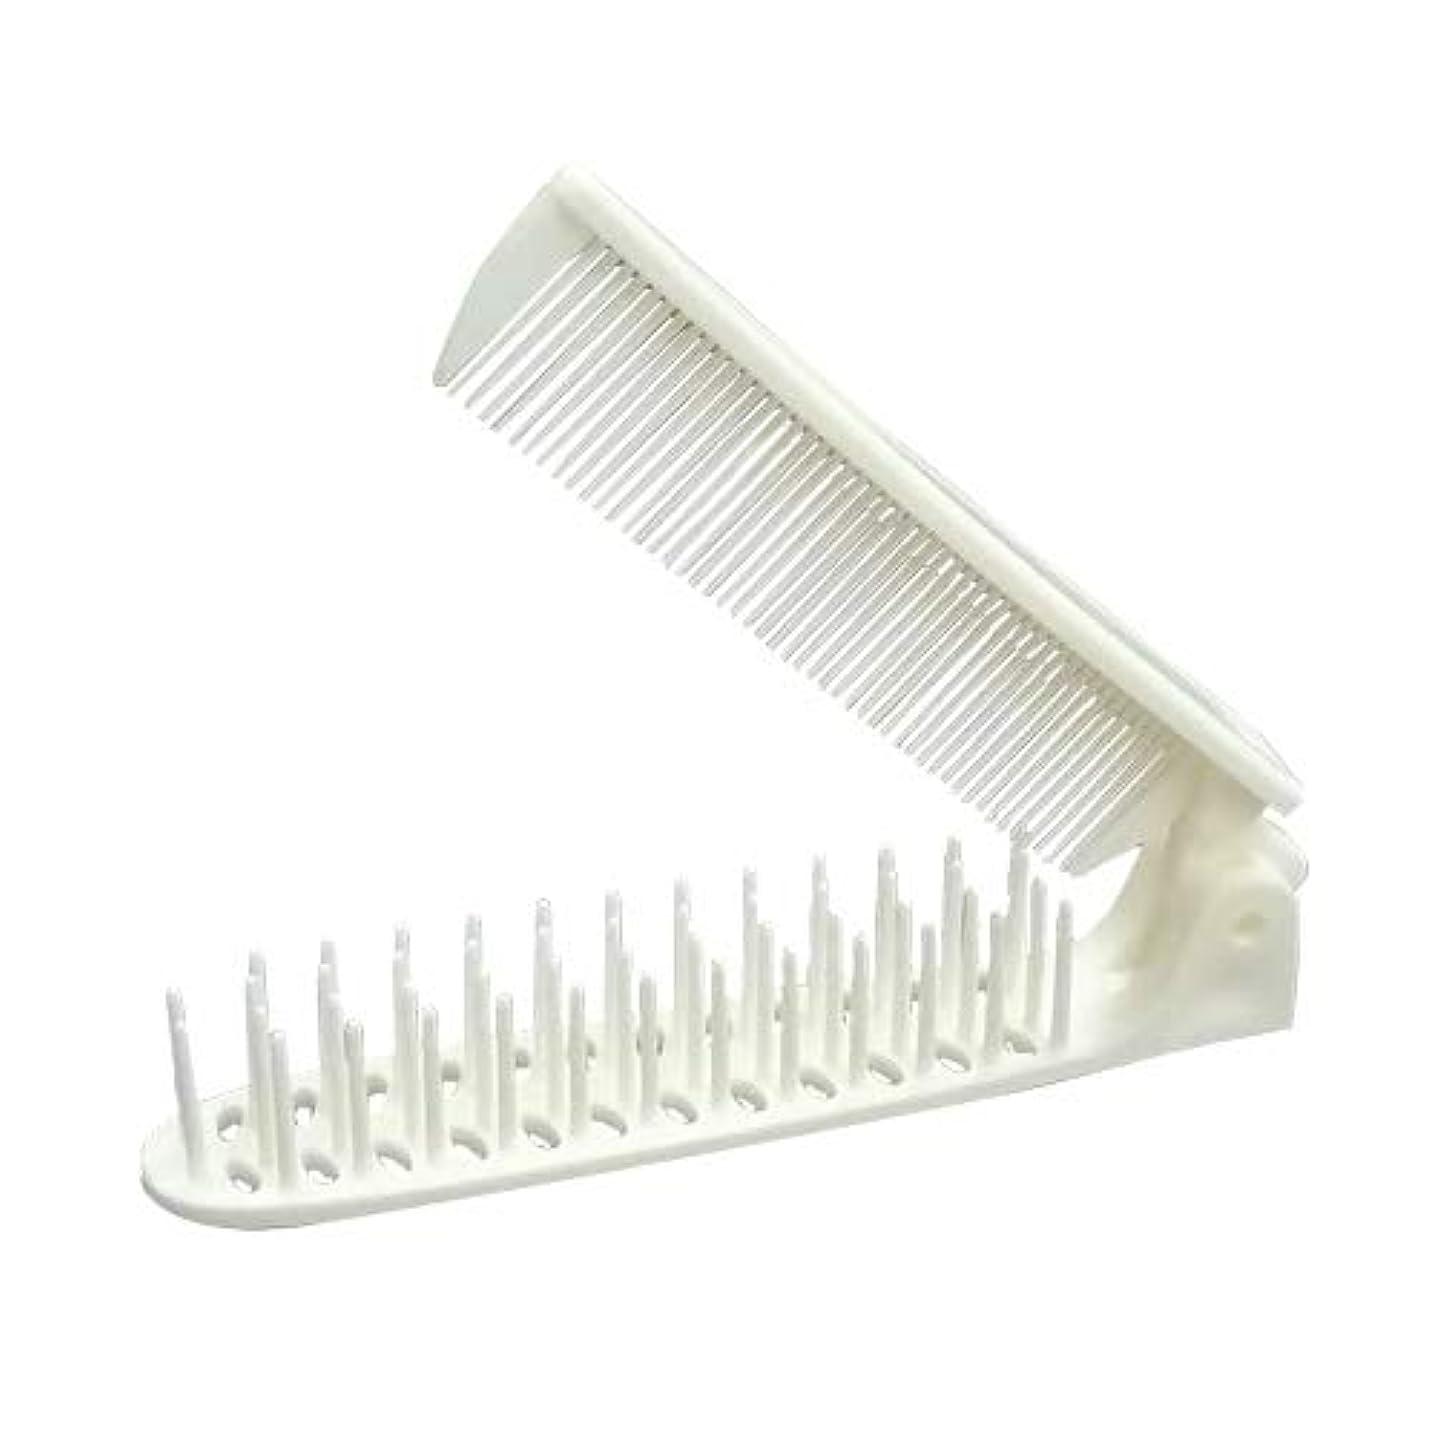 苦行椅子羊のホテルアメニティ 使い捨てヘアブラシ 個包装タイプ 業務用 コーム付折りたたみブラシ ×5個セット (コーム&スリムヘアーブラシ 2WAYTYPE)